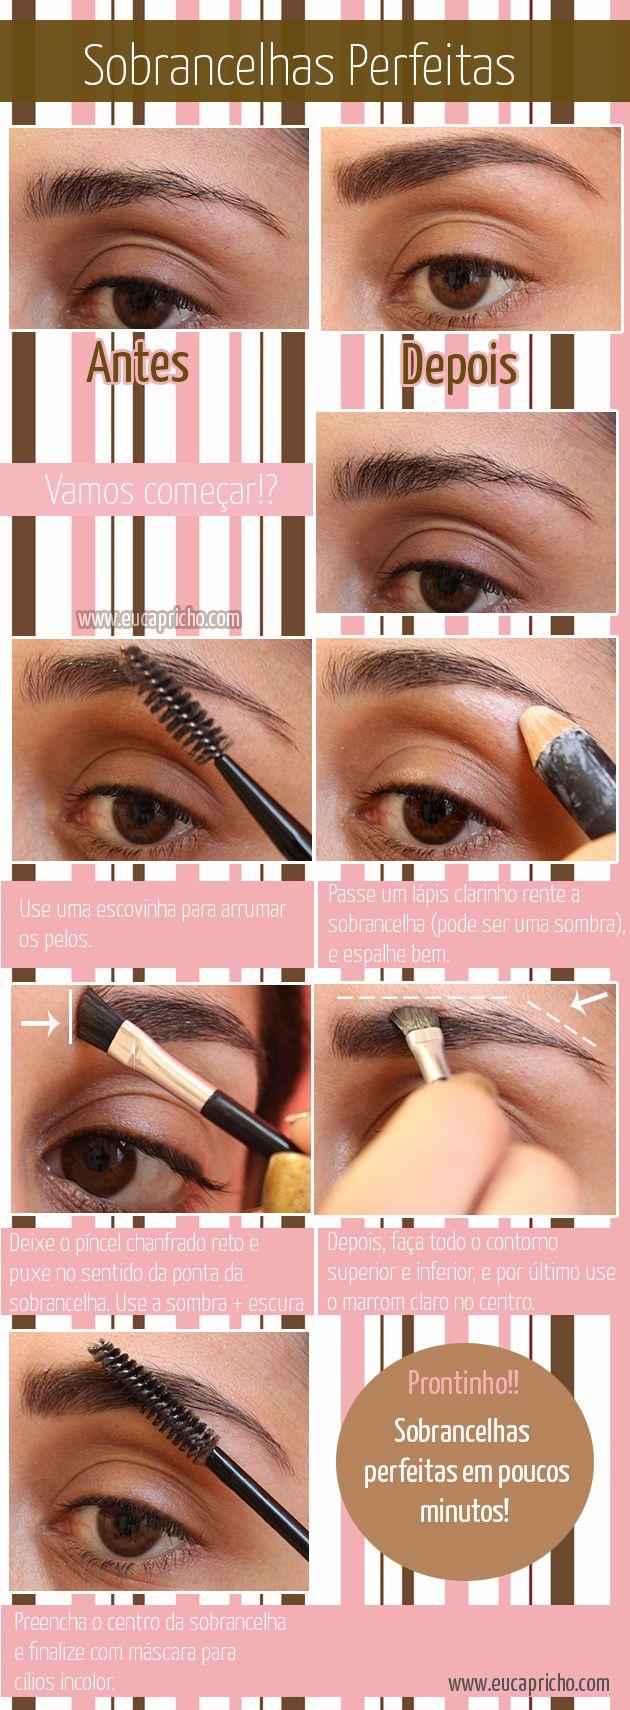 sobrancelhasperfeitas2 Como ter sobrancelhas perfeitas?